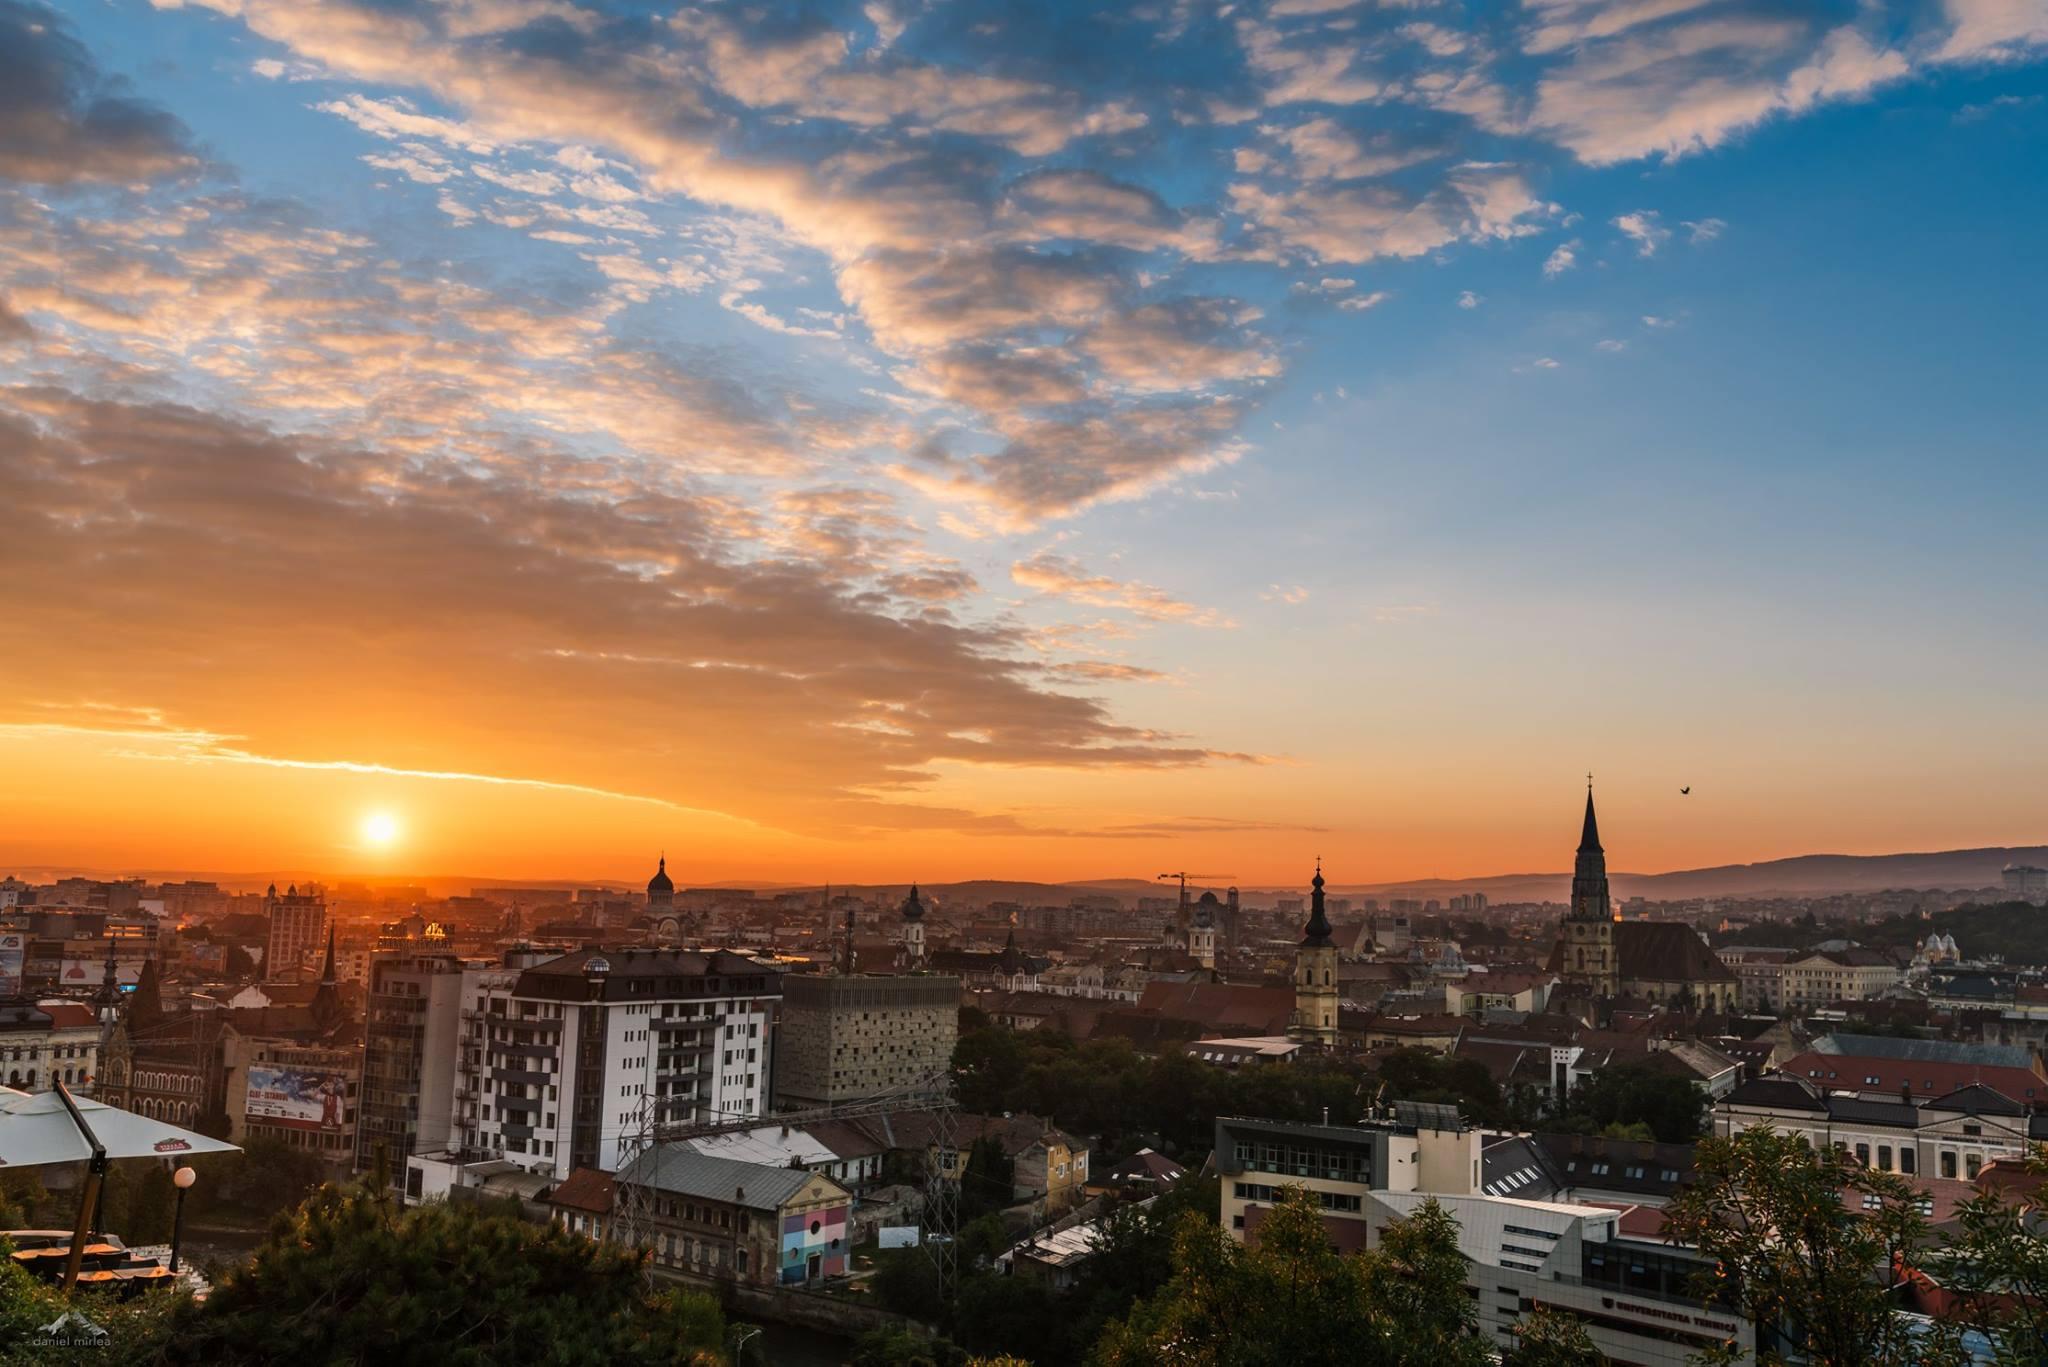 24 de ore în Cluj daniel mirlea rasarit